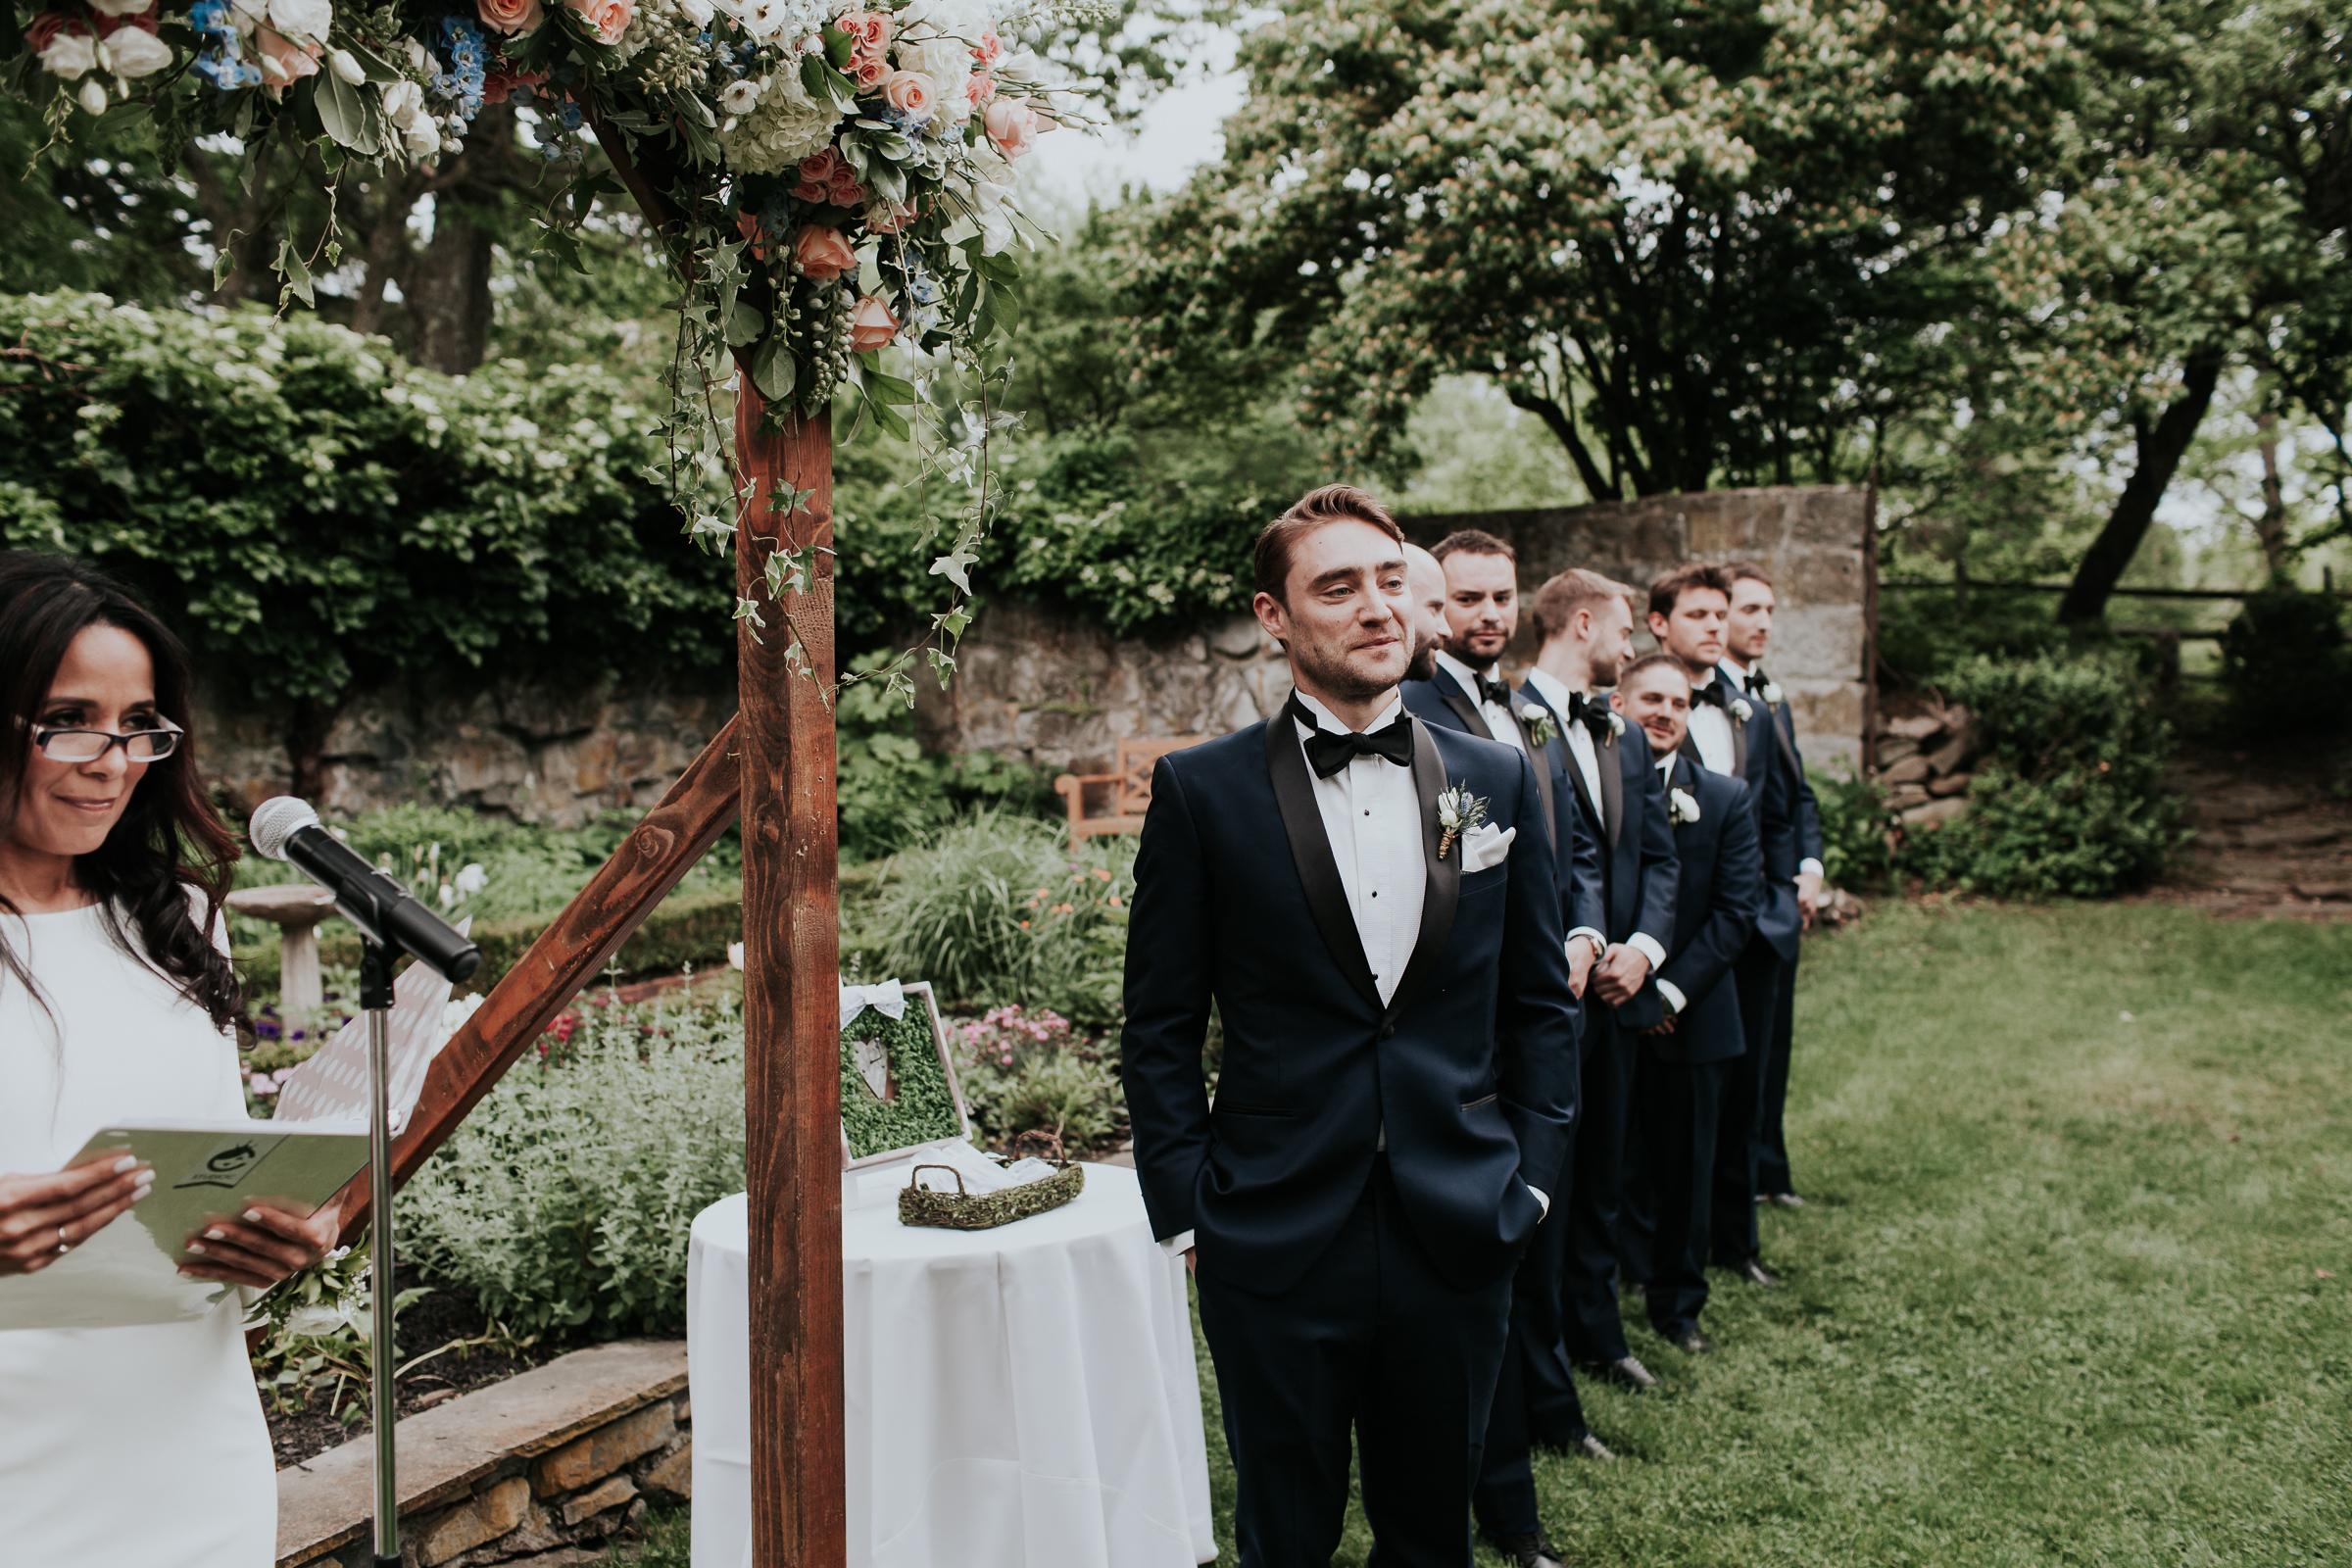 Crossed-Keys-Estate-Andover-NJ-Fine-Art-Documentary-Wedding-Photographer-81.jpg